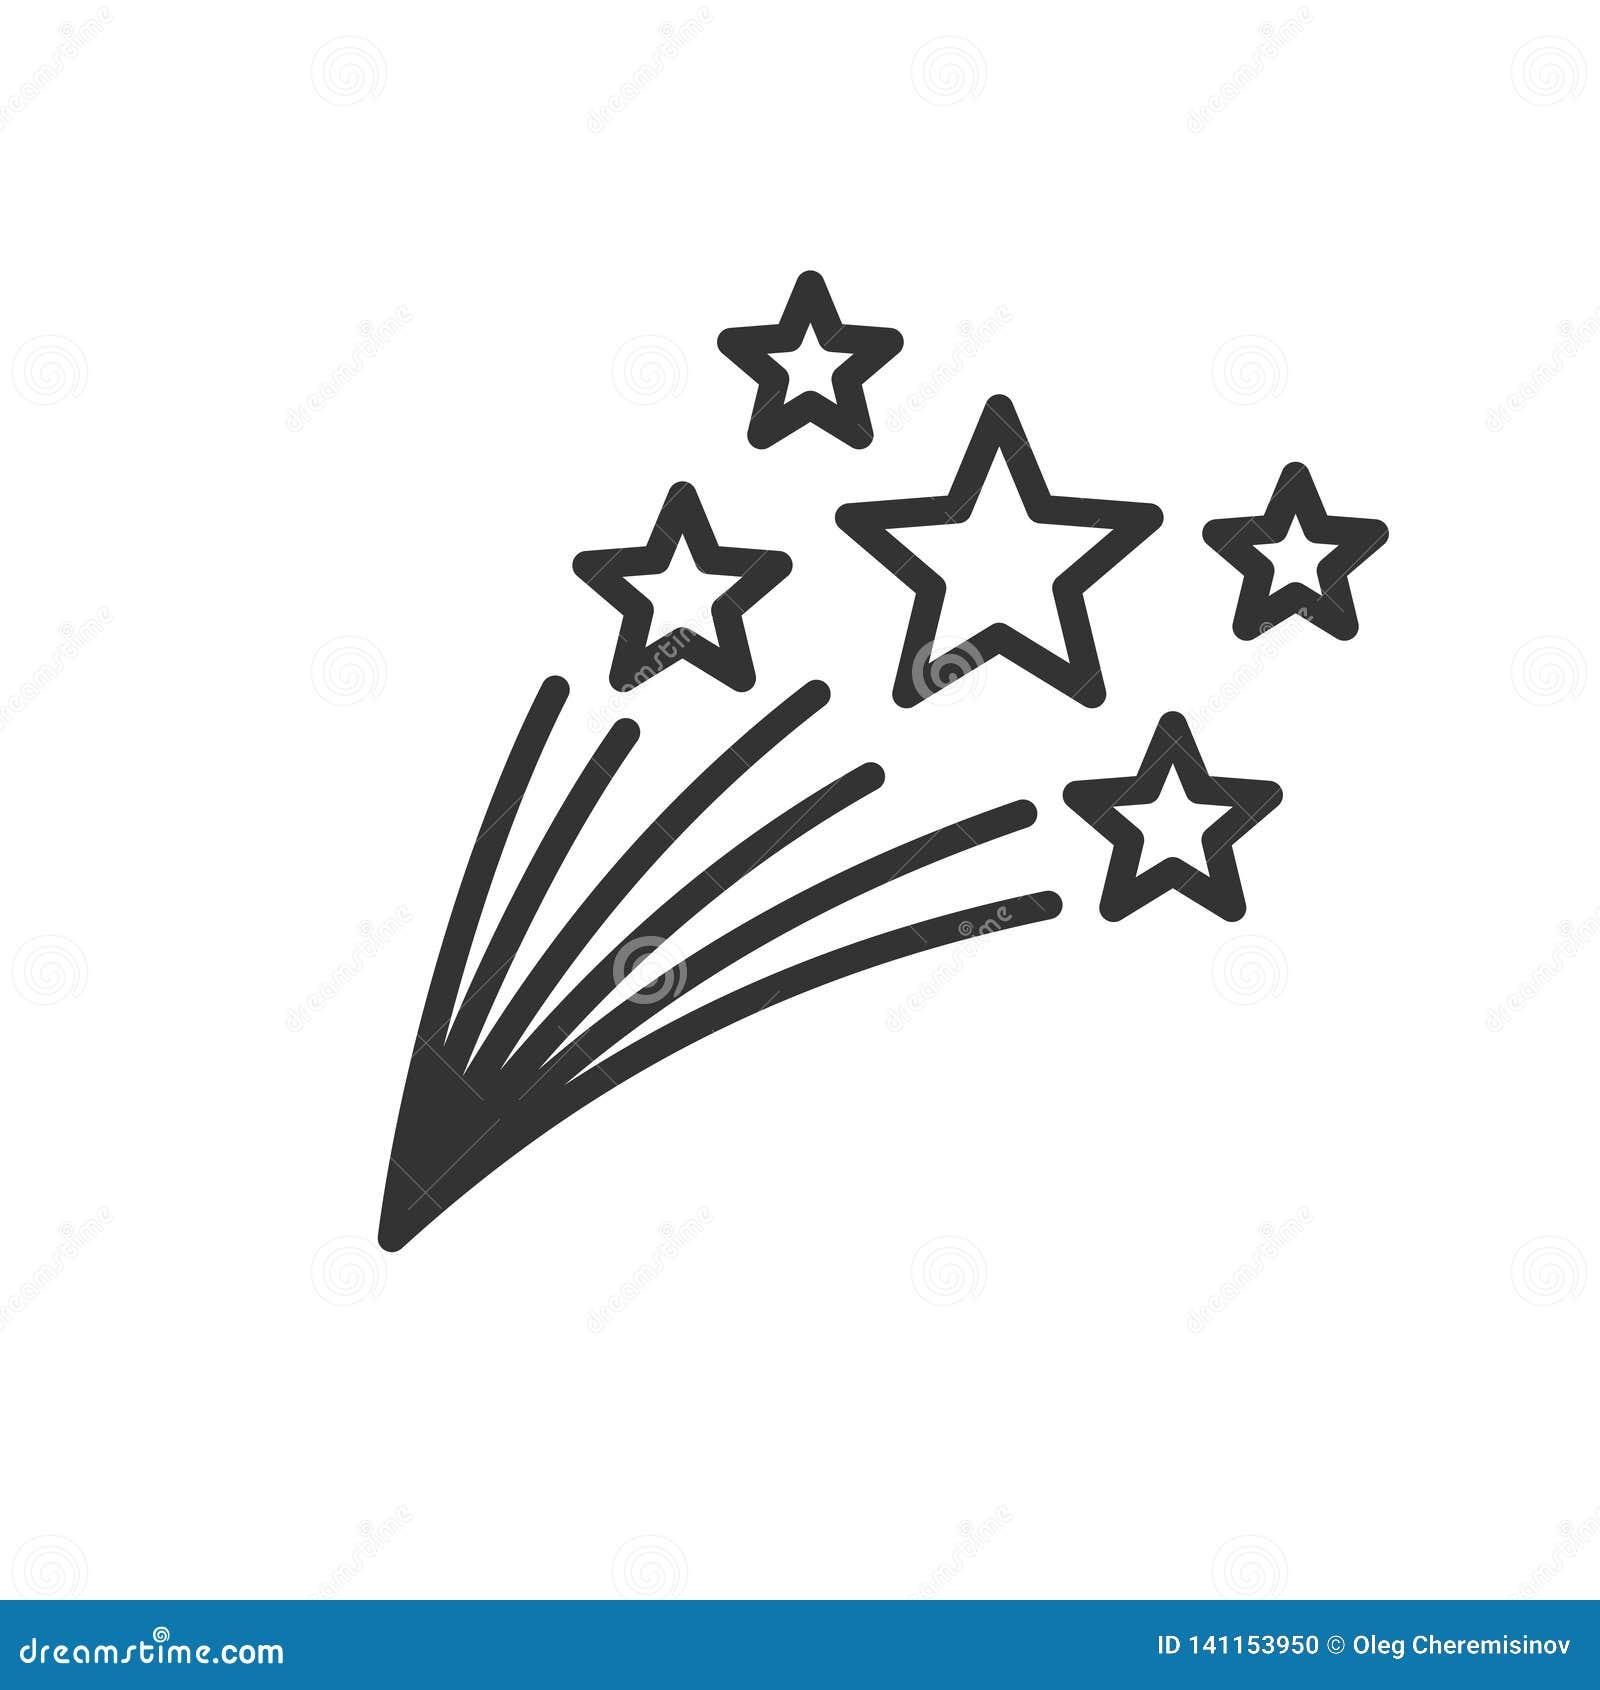 Linha fina ilustração das estrelas de tiro isolada no fundo branco